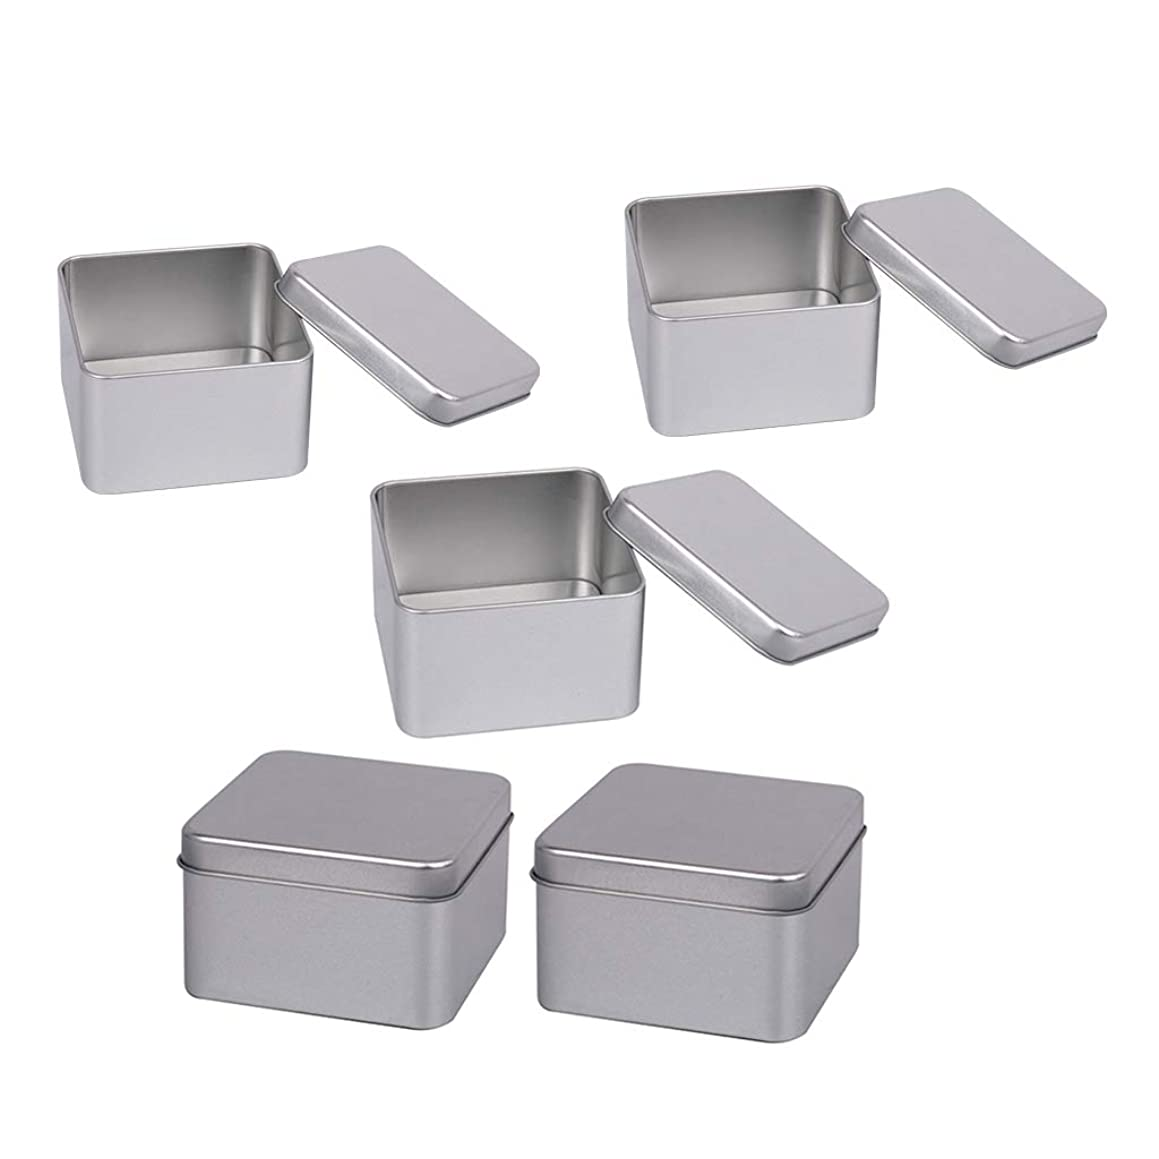 振幅現在ガイドdailymall 蓋付き5個の銀金属スズ容器-スパイス、キャンディー、お茶、ギフトに最適